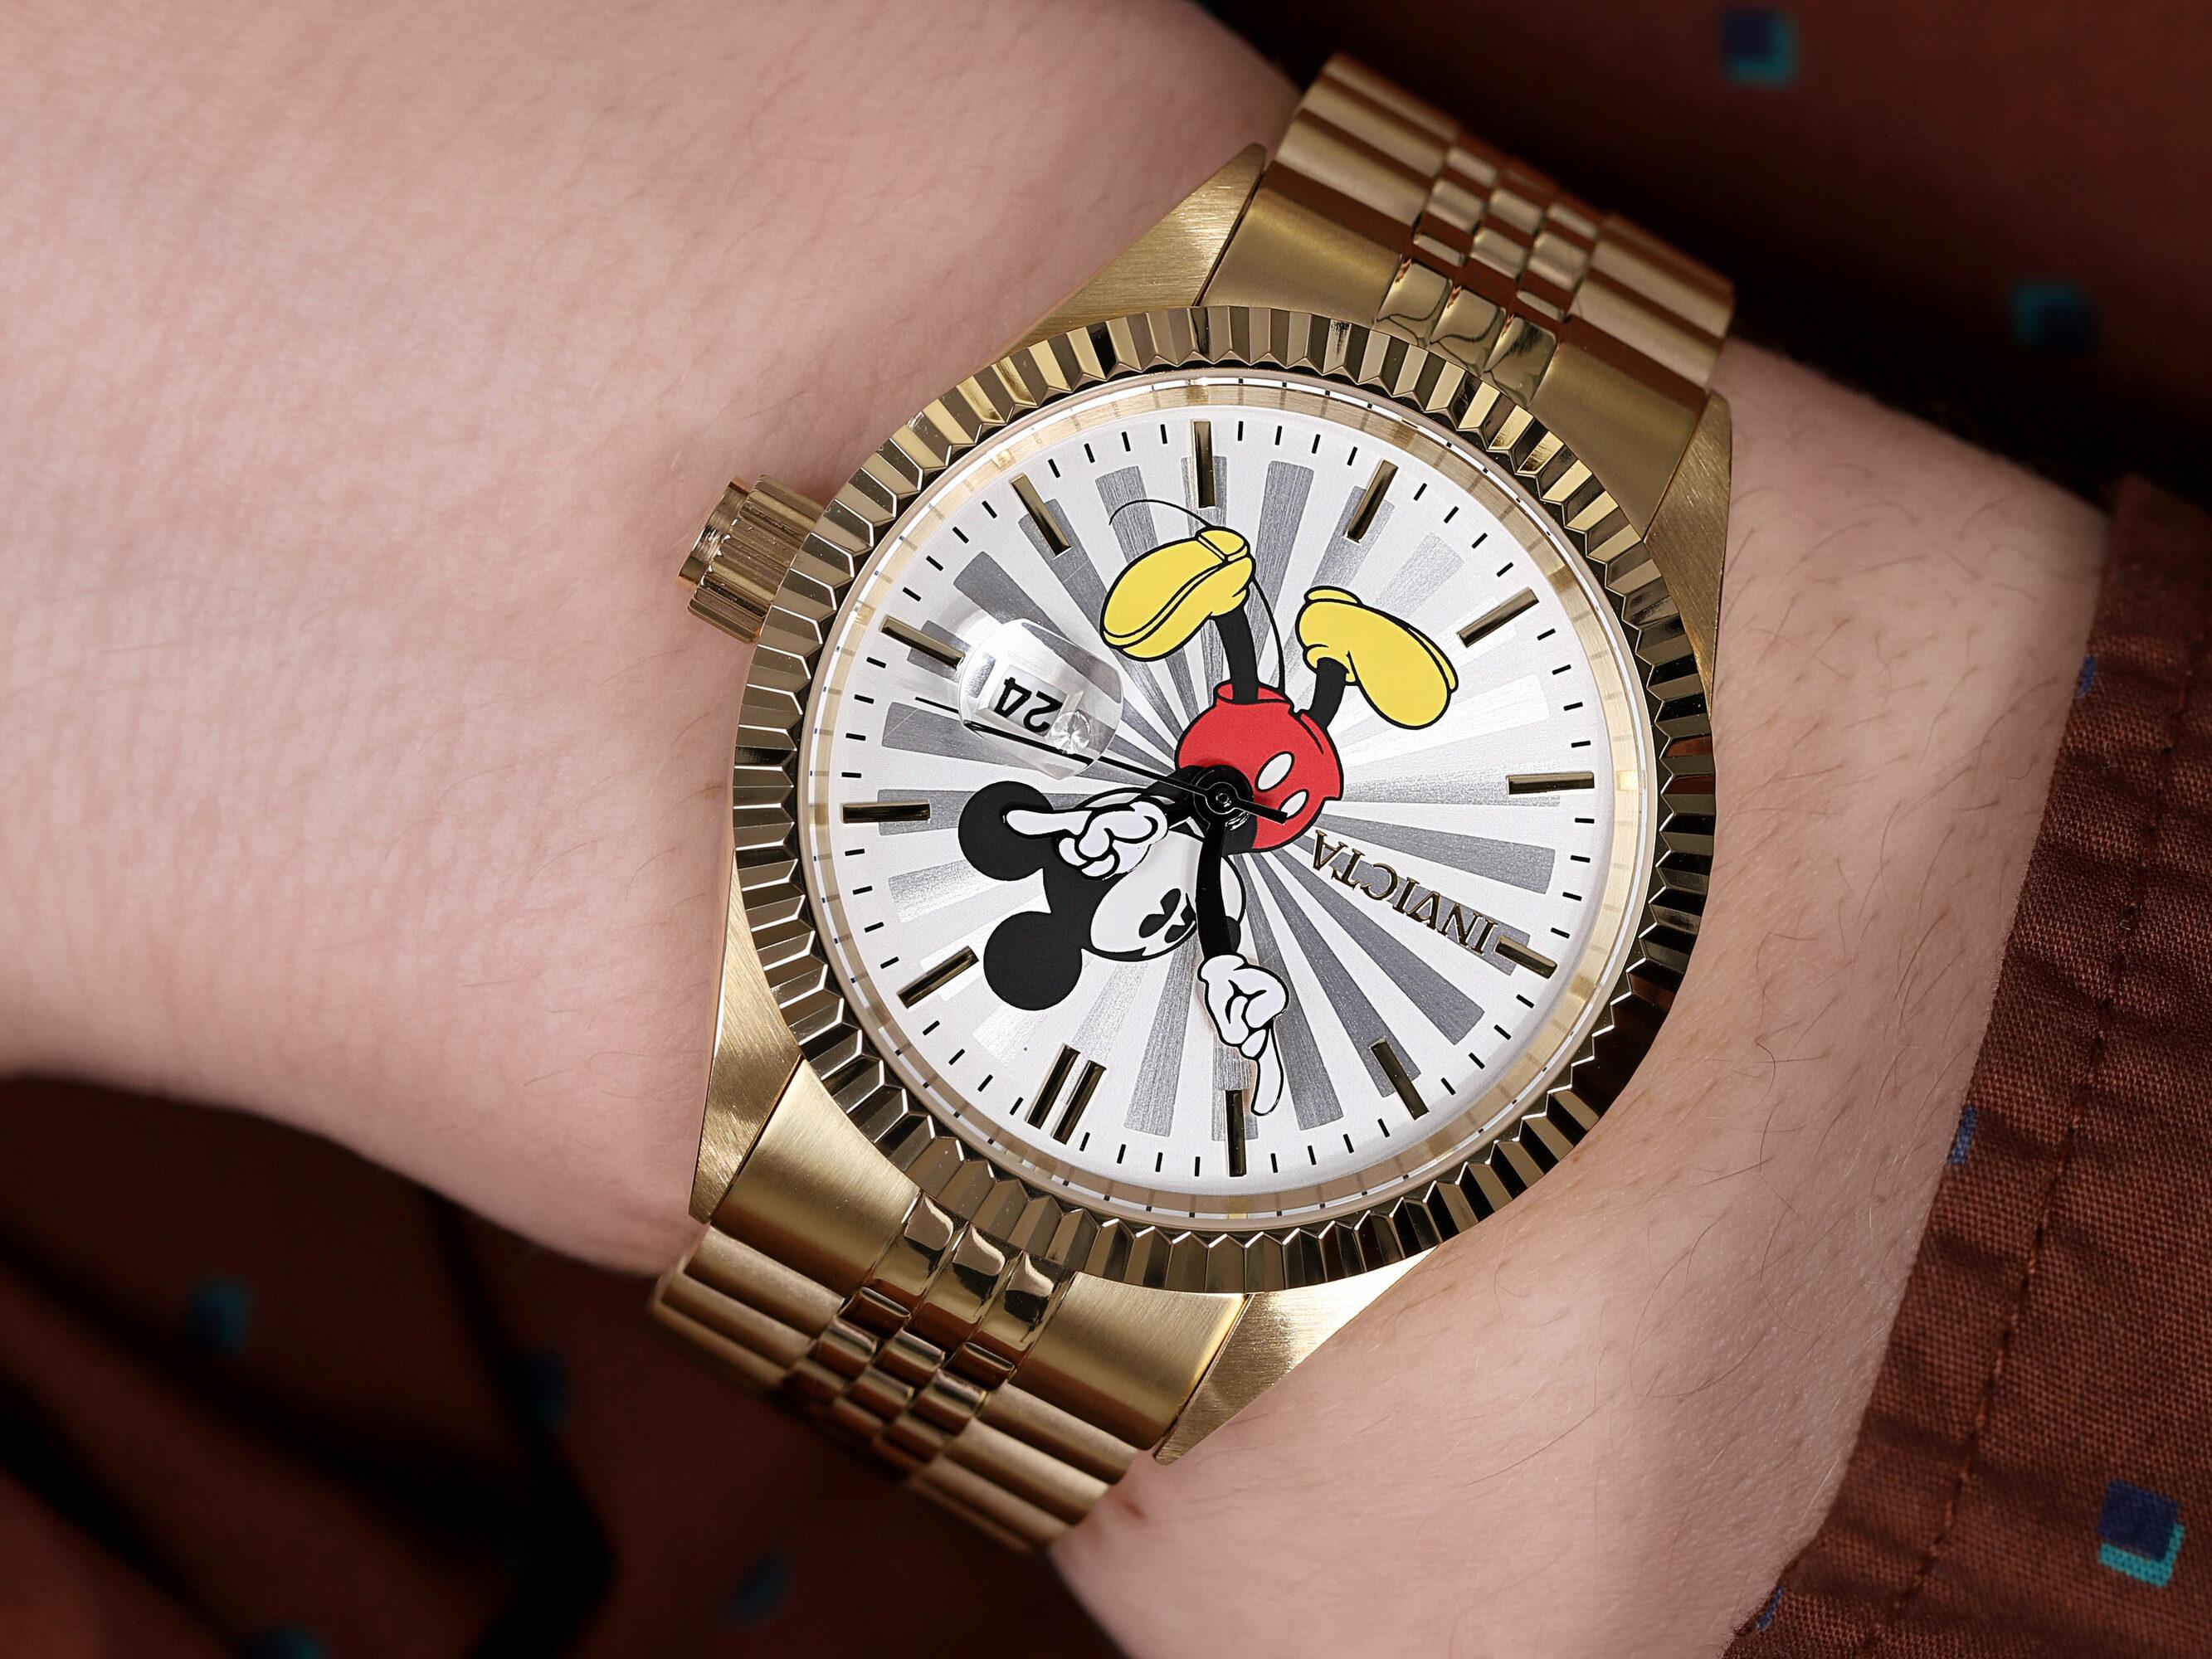 Invicta 22770 zegarek złoty klasyczny Disney bransoleta